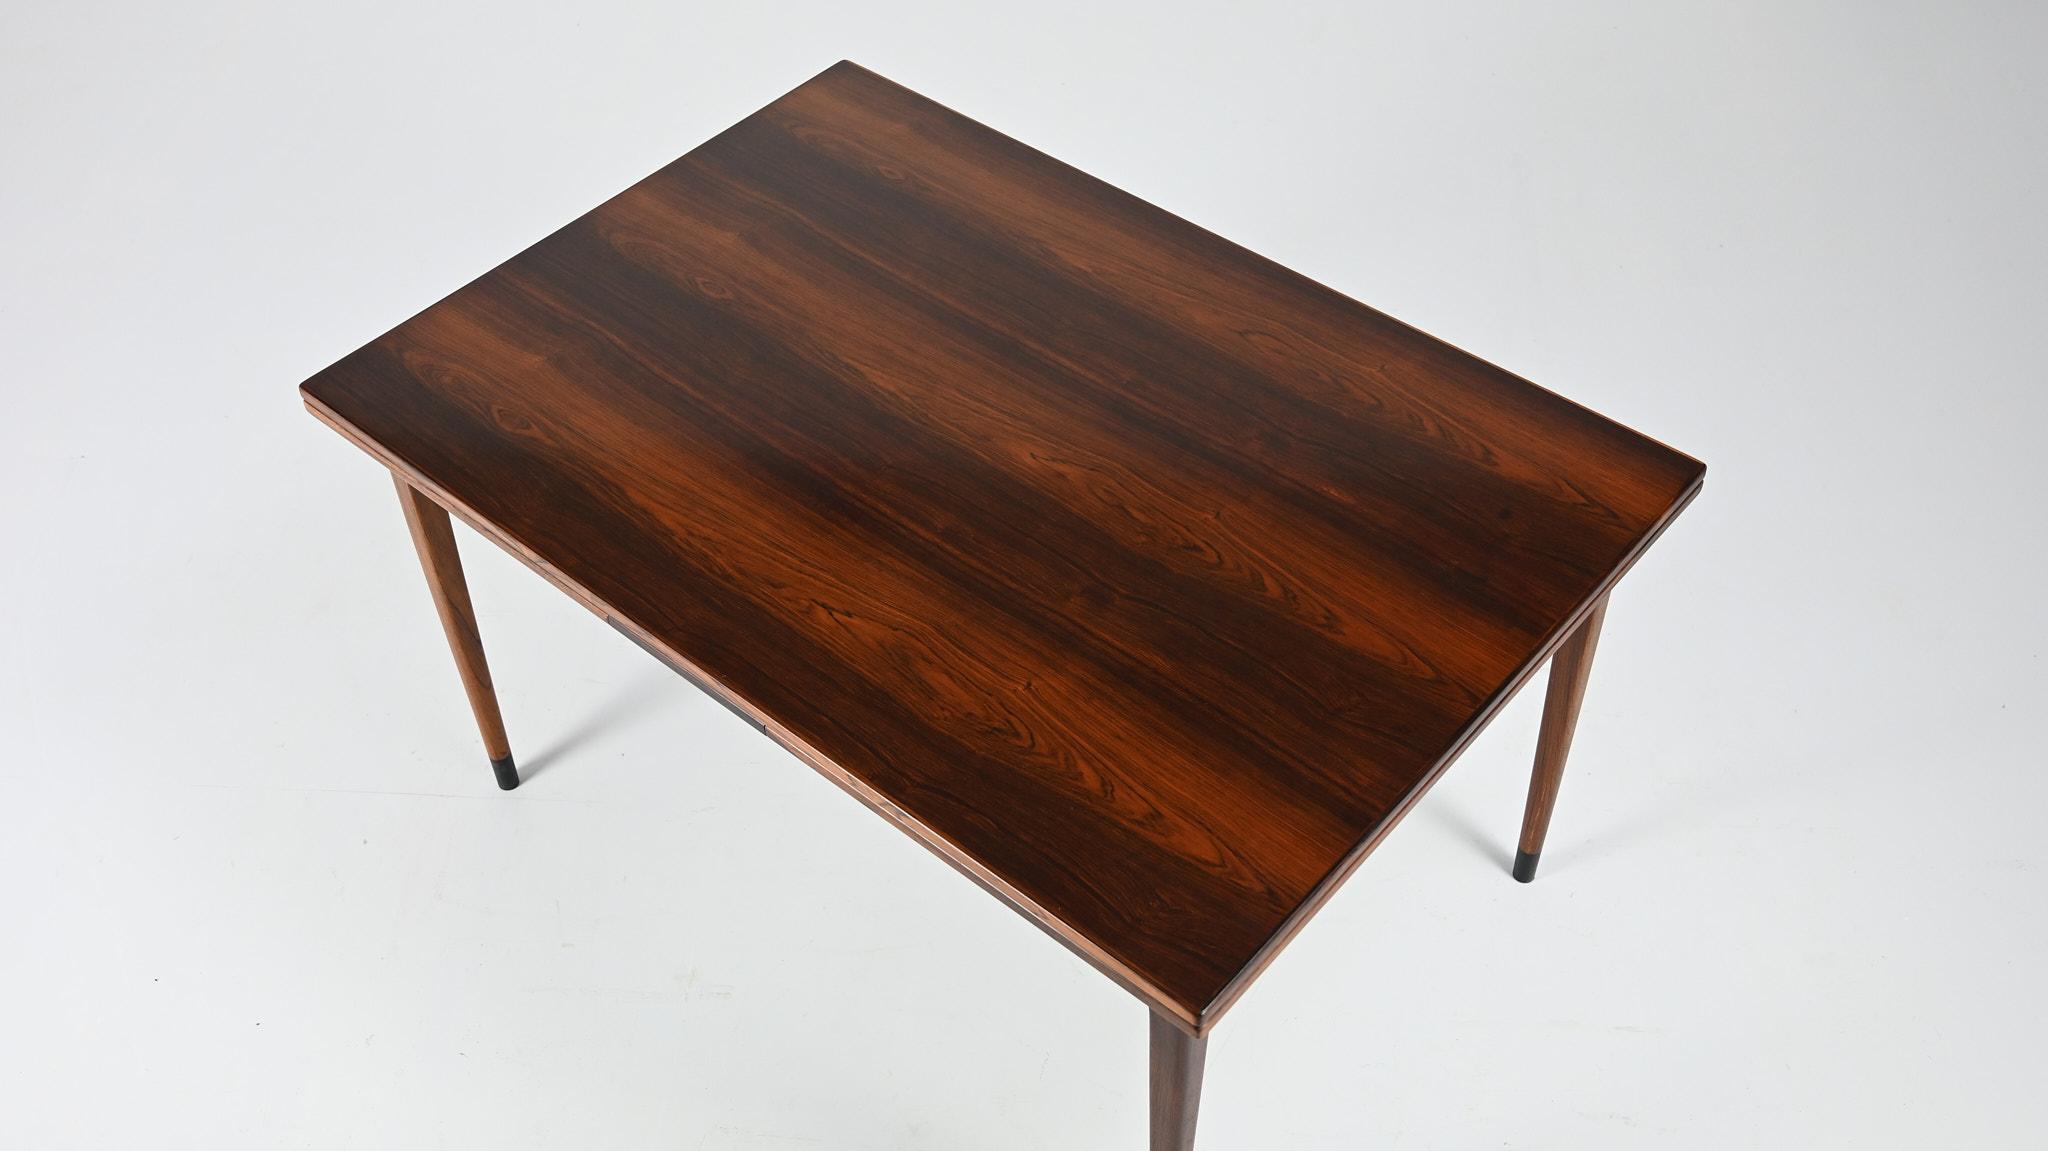 NIels moller 9 table vintage danish danois scandinavian scandinave table